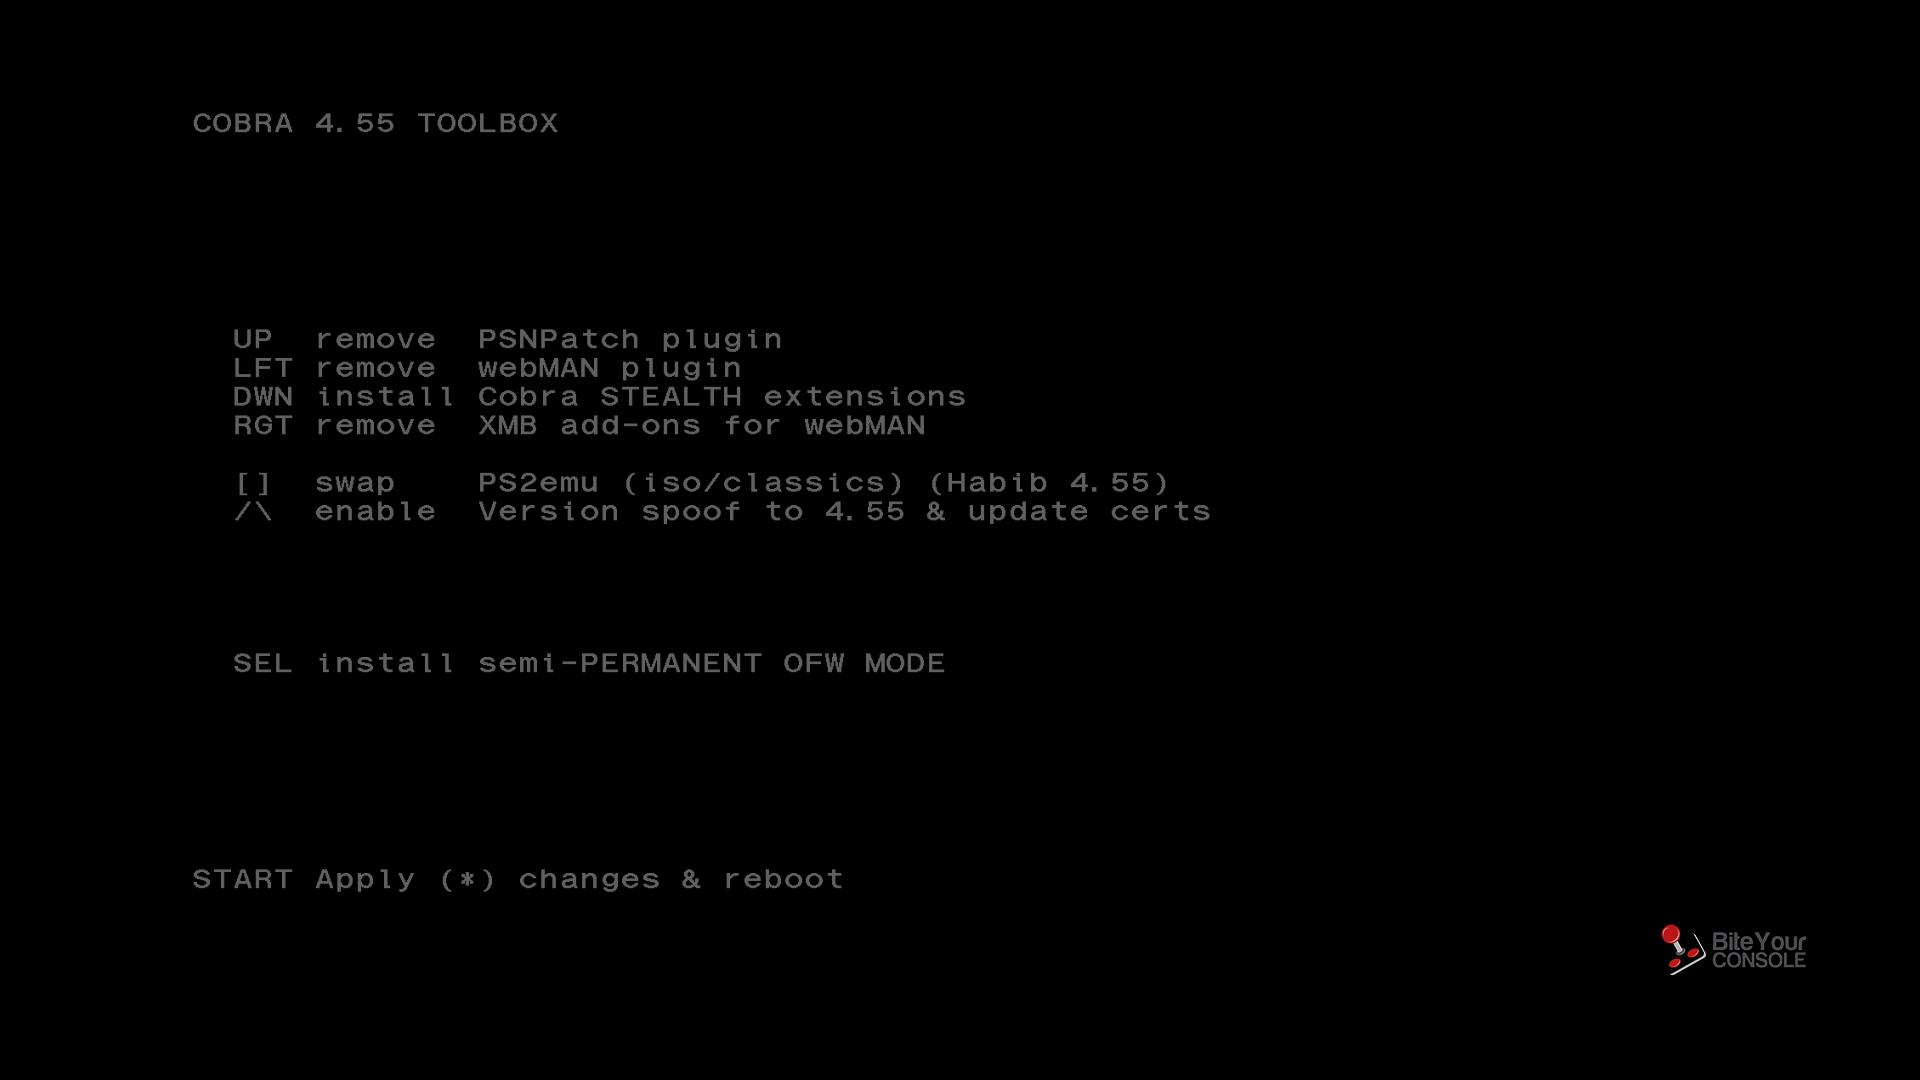 PSN Patch - 2.45_1